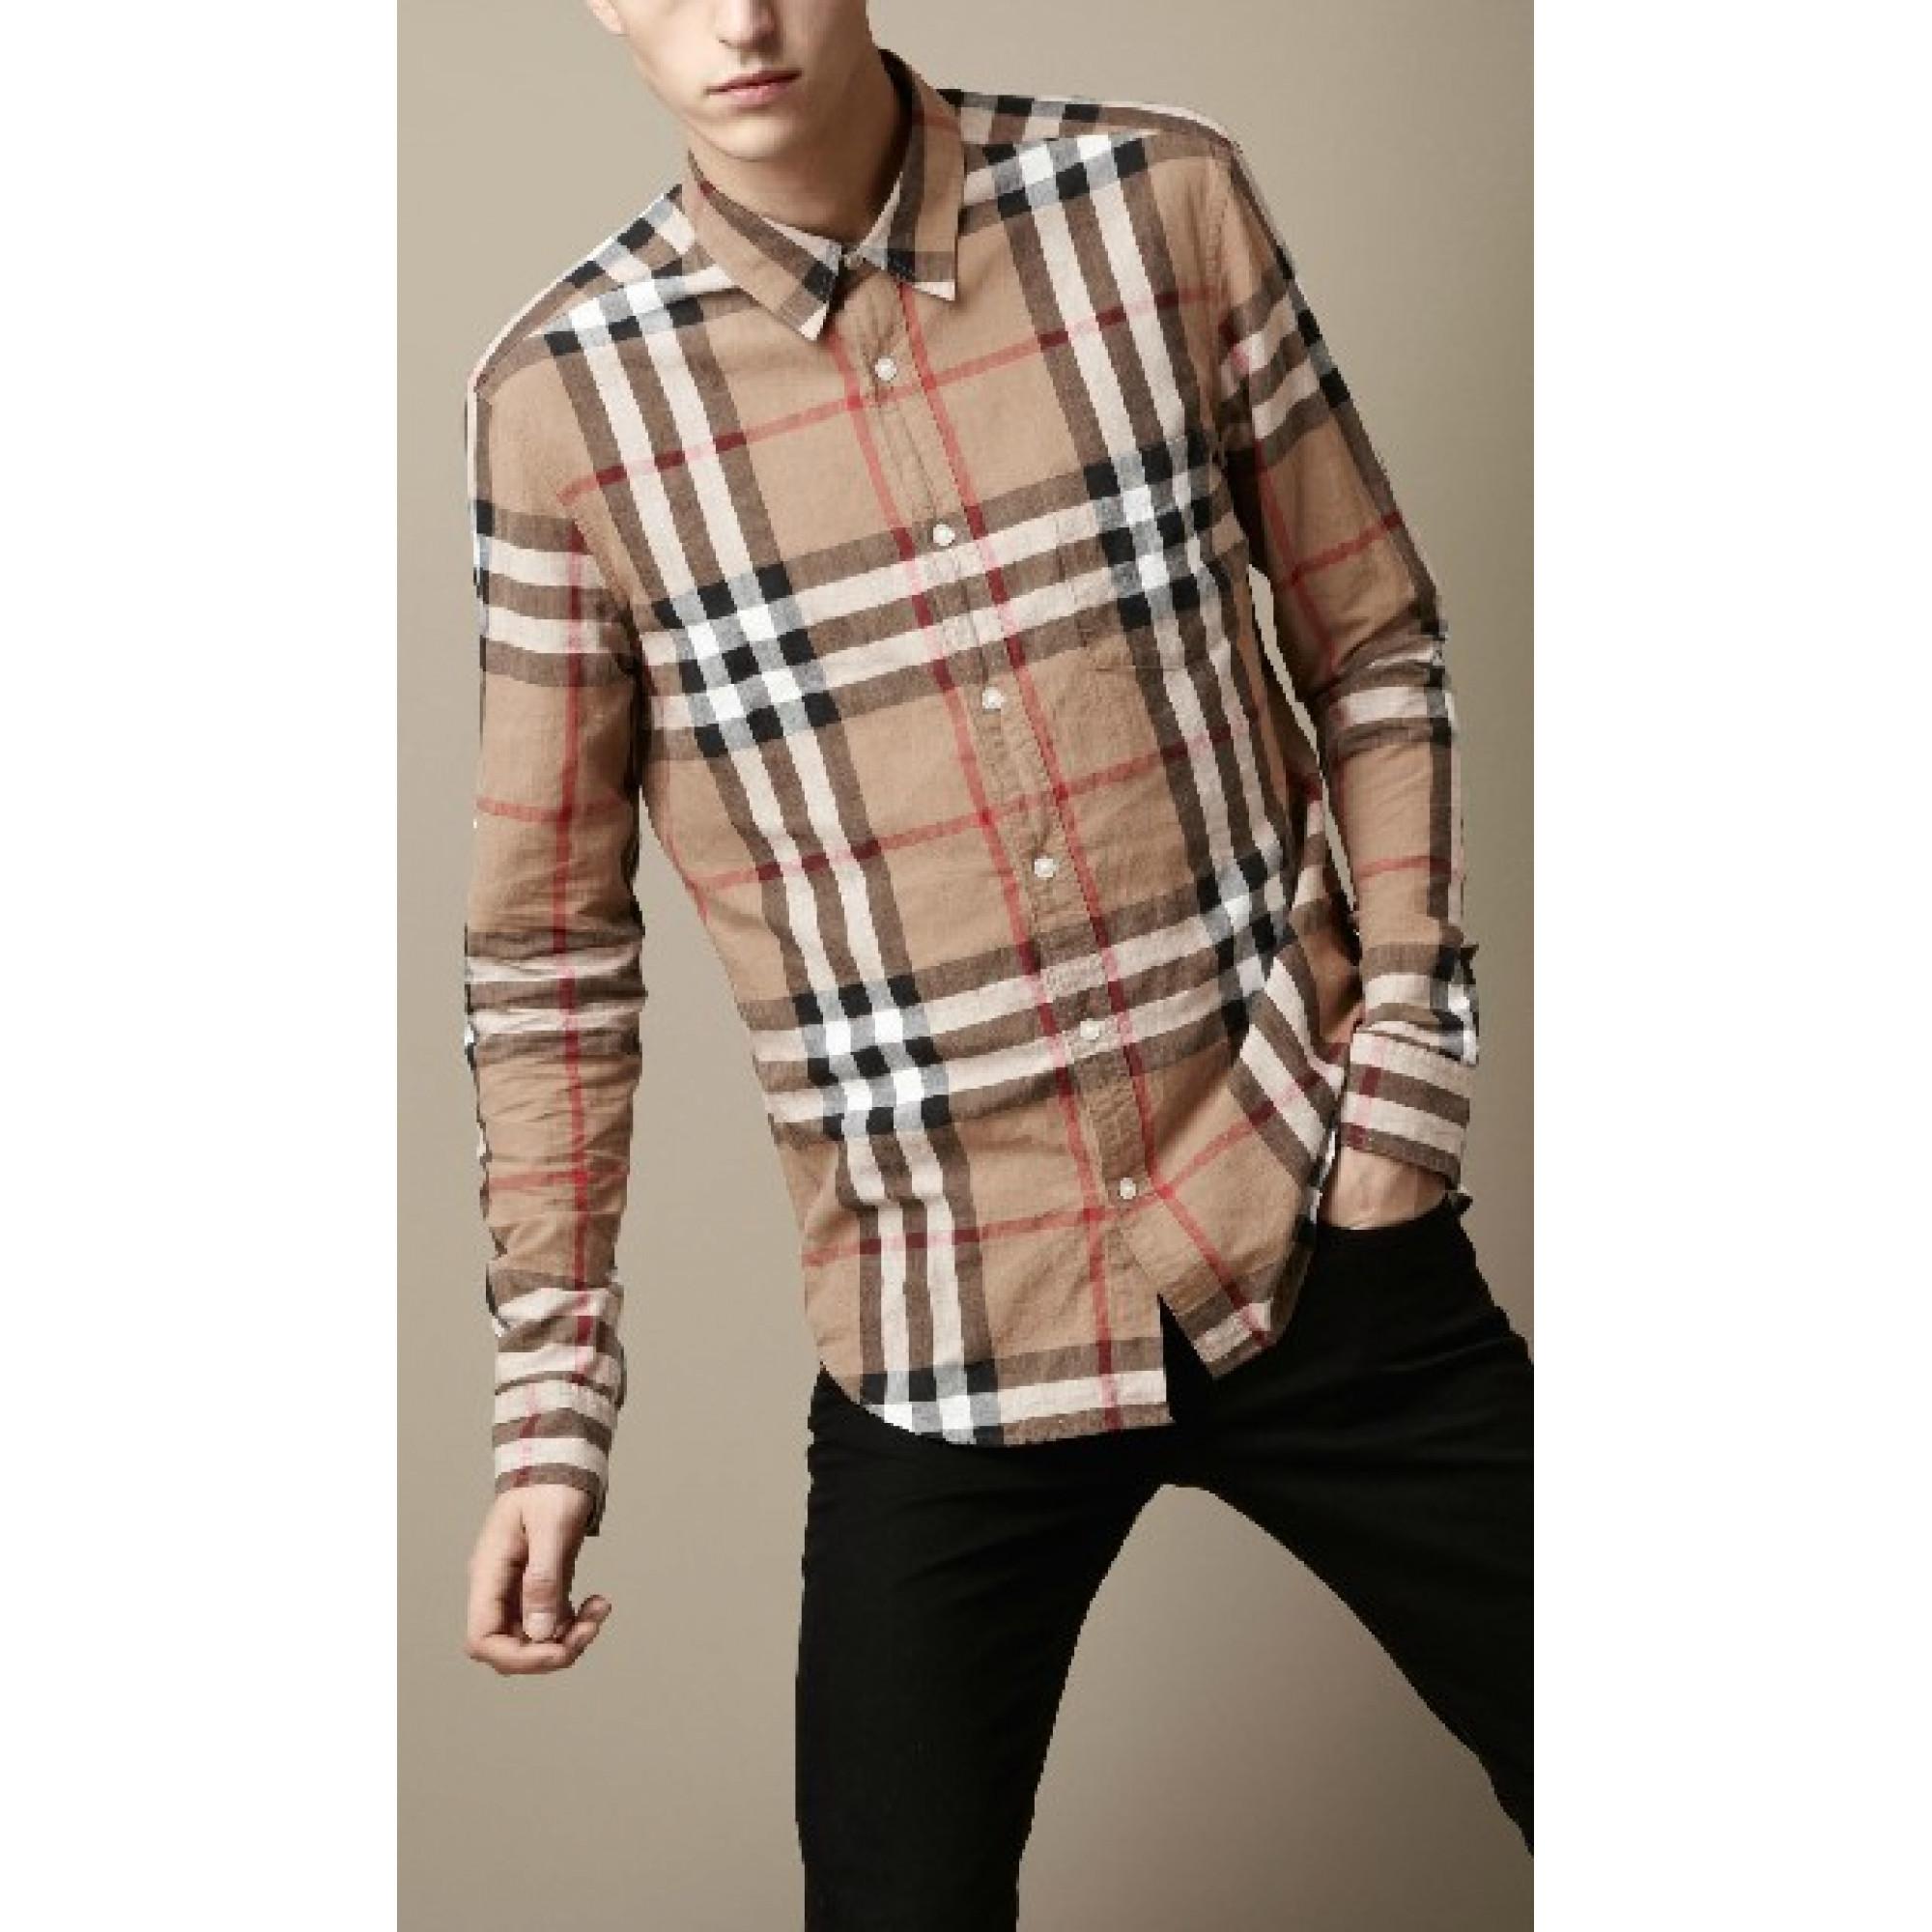 Купить классическая рубашка Burberry — в Киеве, код товара 11280 44a67a8136a